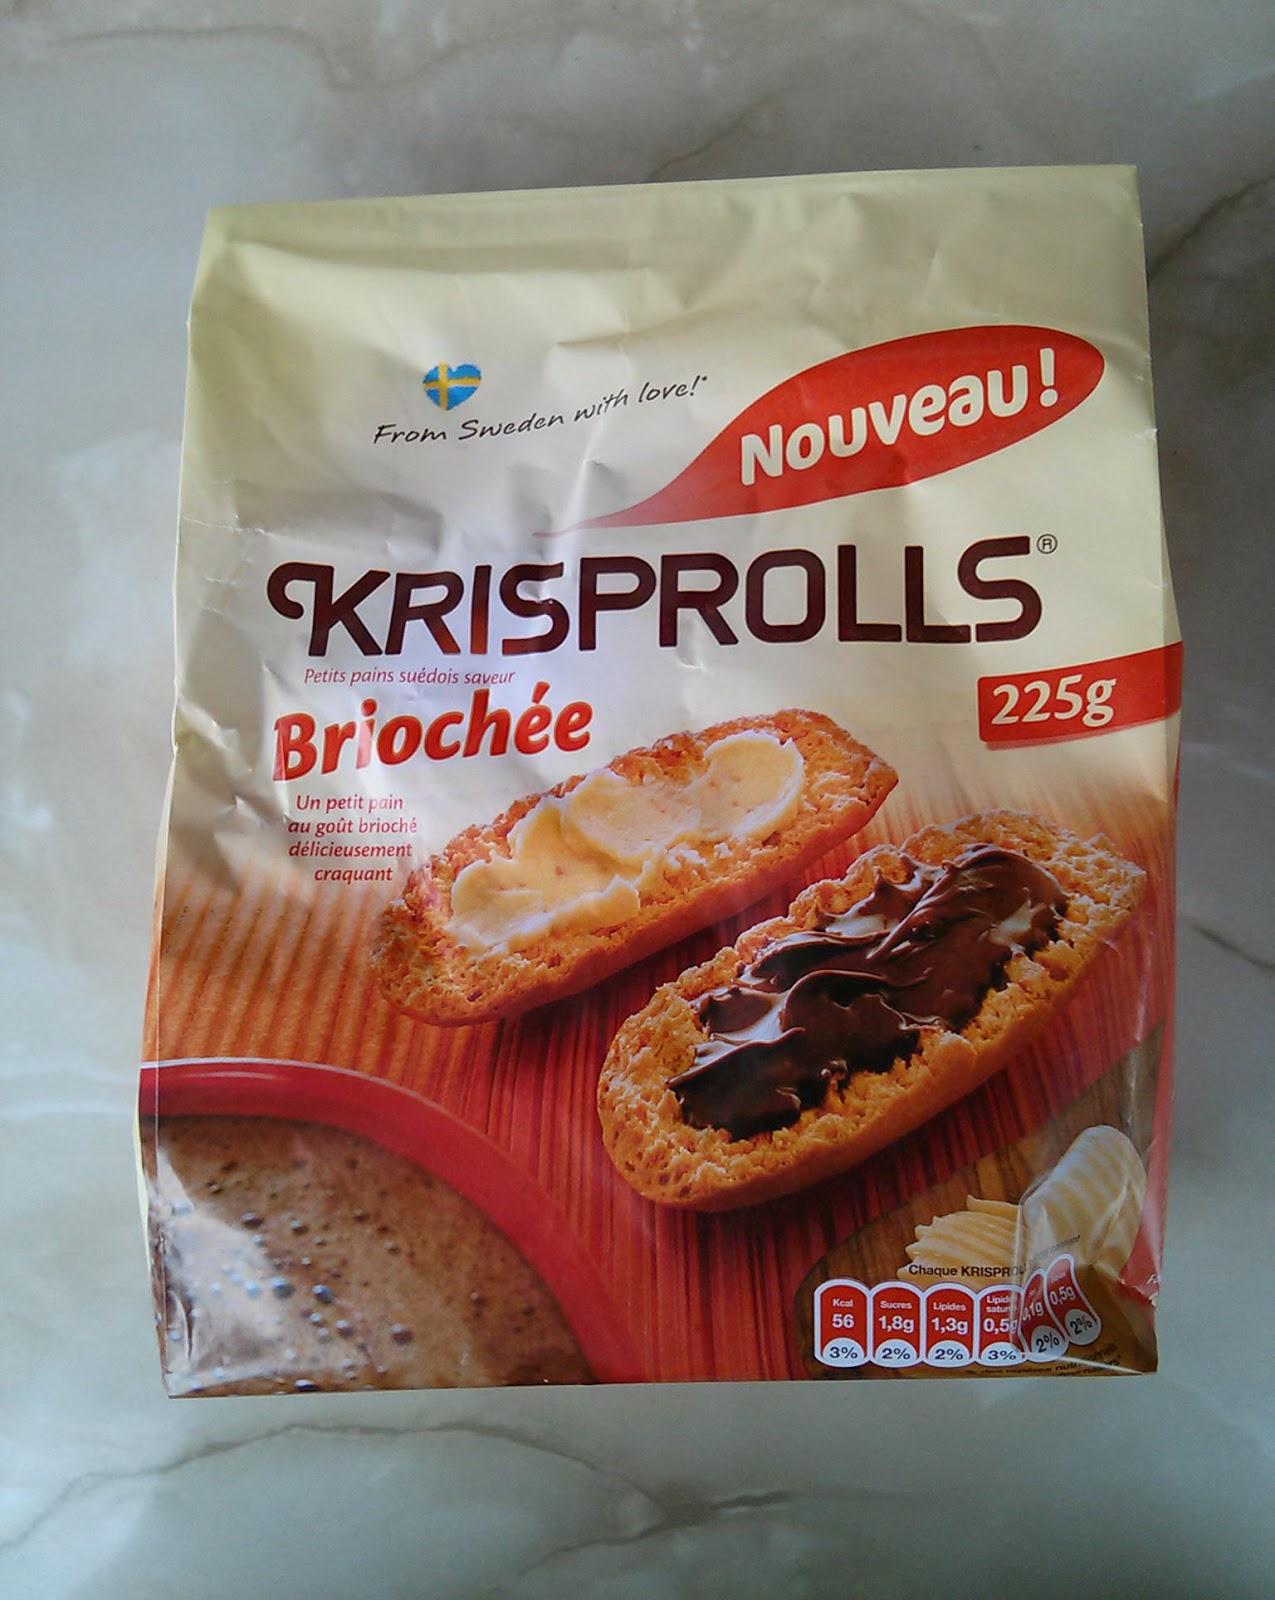 Krisprolls Briochés Degustabox